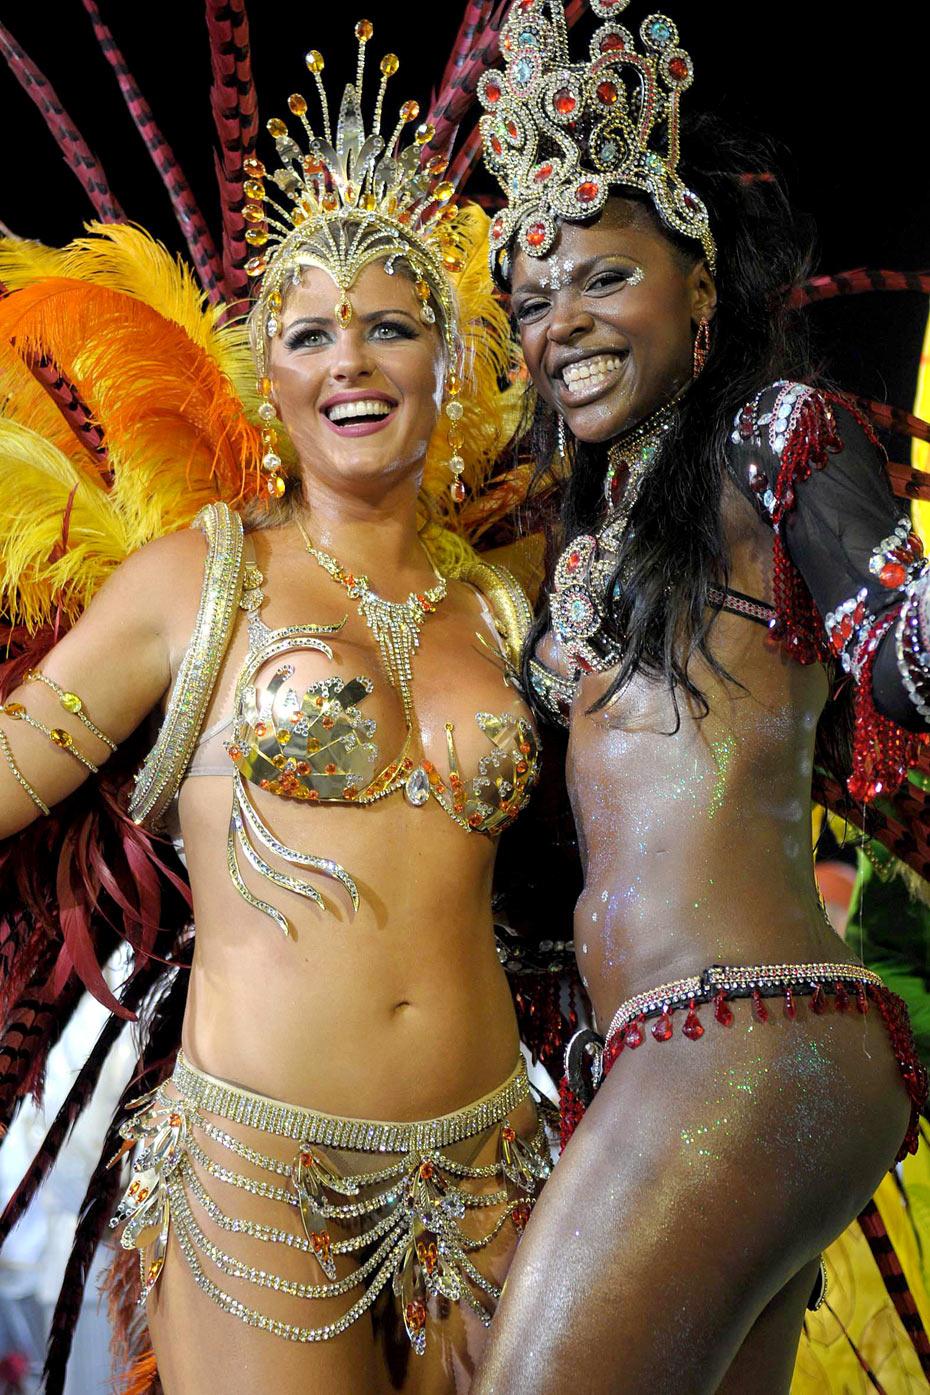 Brazil - Carnival 2009